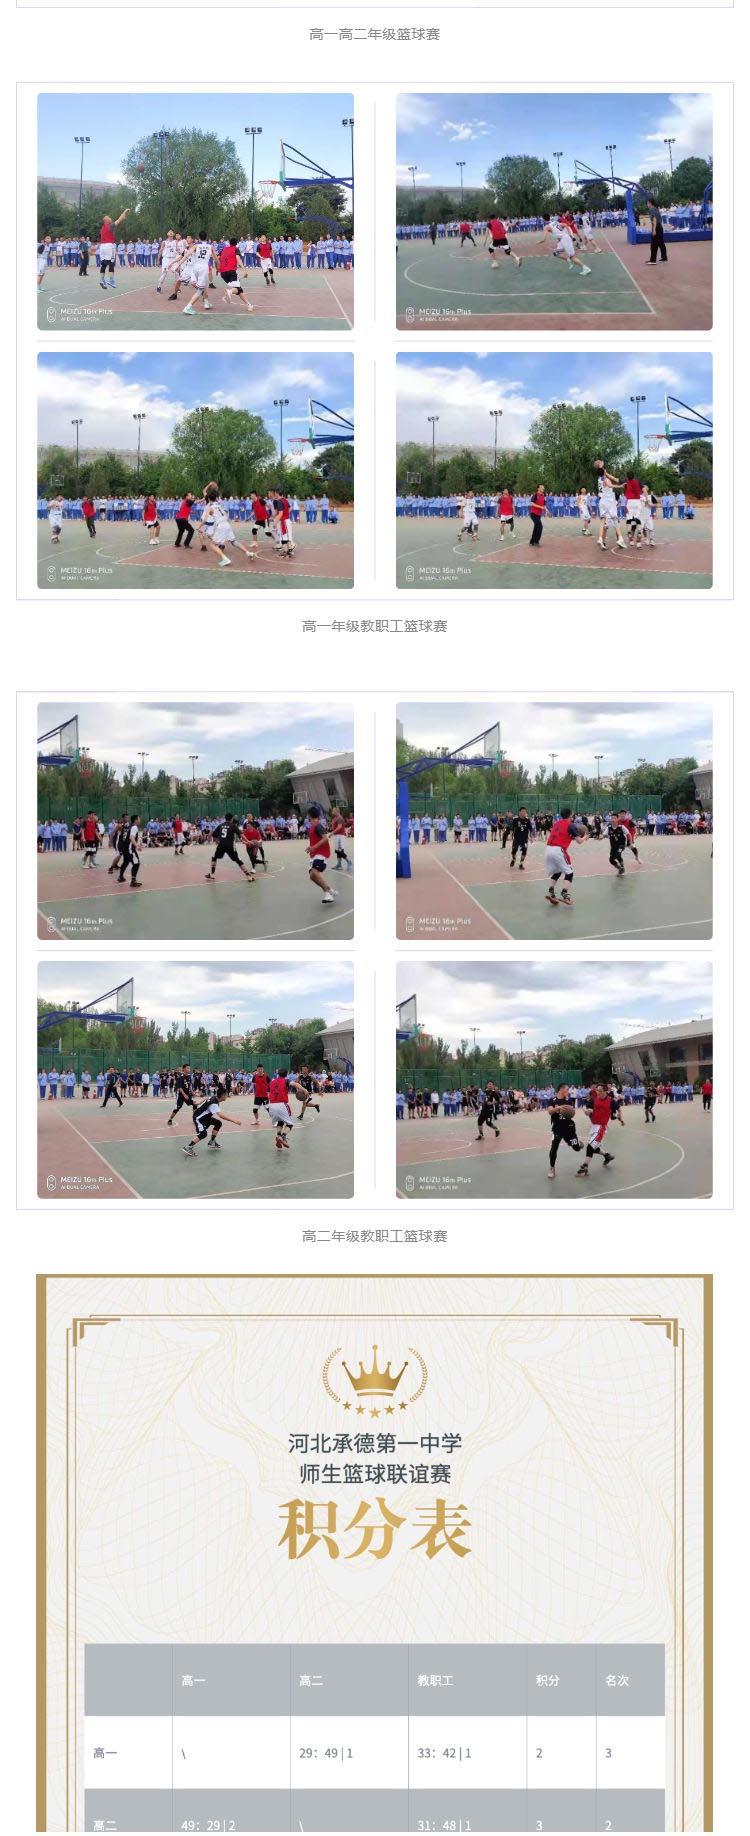 河北承德第一中学2021年校园文化体育艺术节系列活动(二)_壹伴长图3.jpg